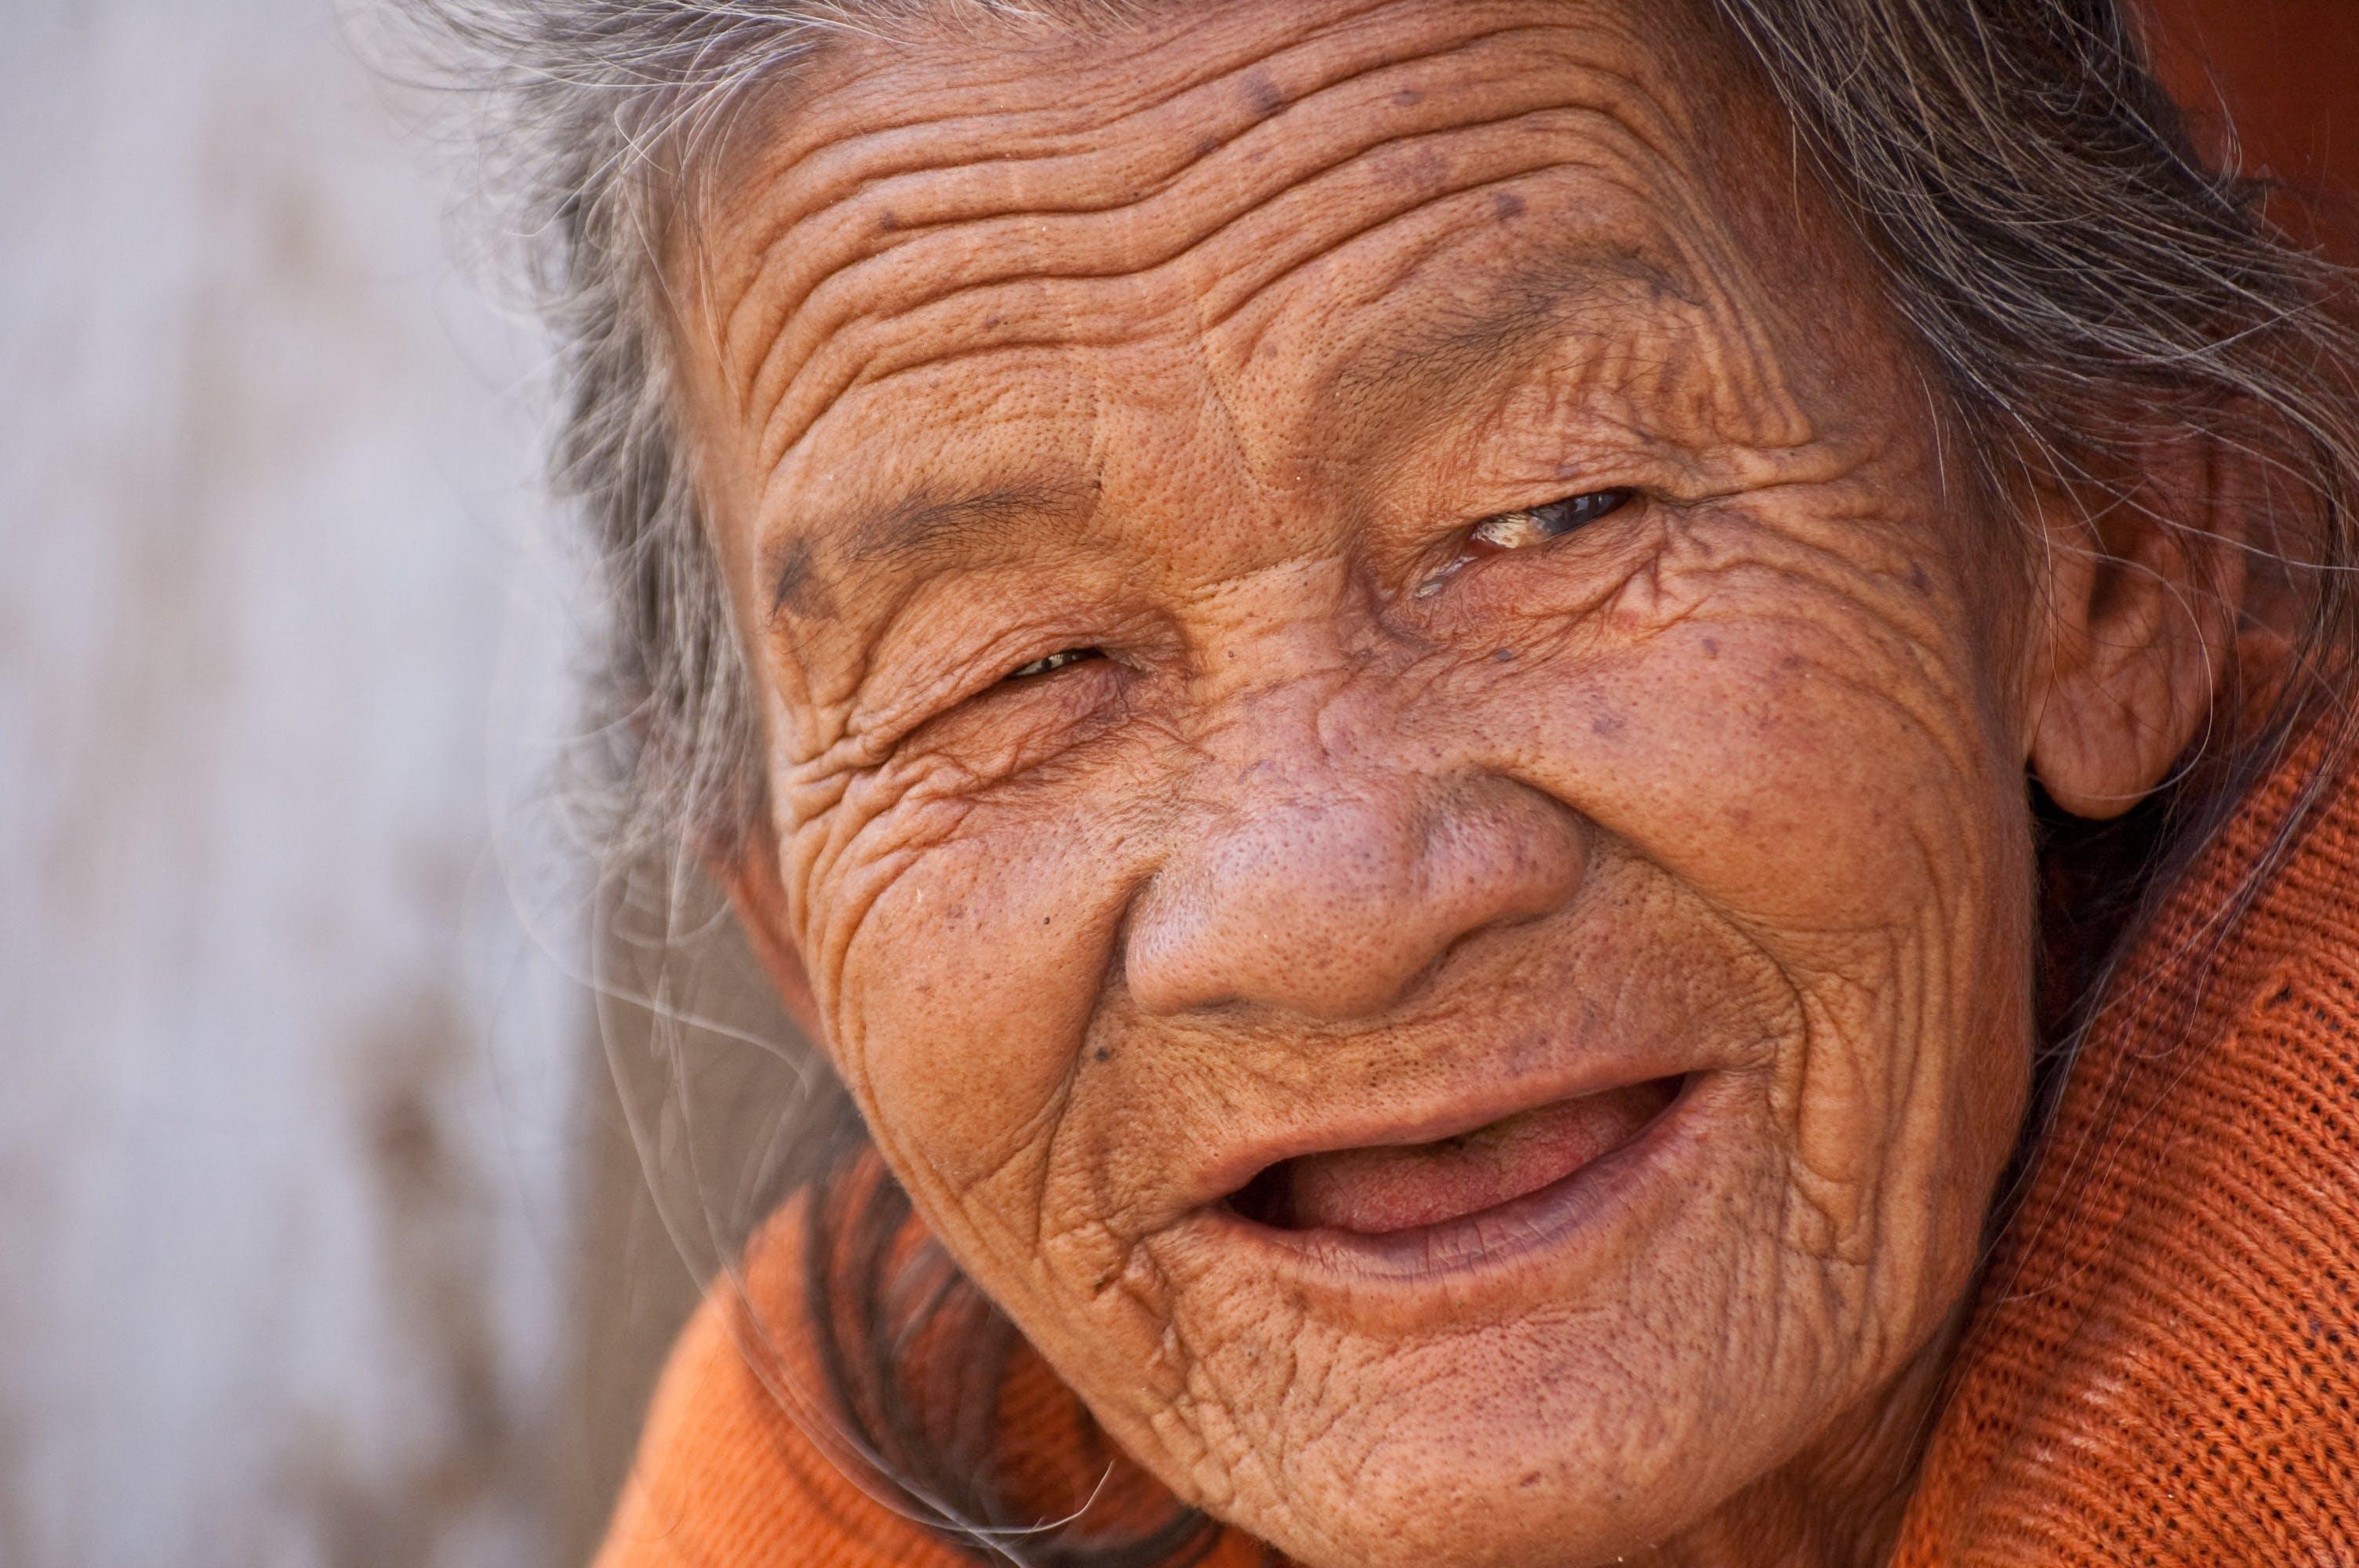 Kostnadsfri bild av kvinna, leende, mormor, person